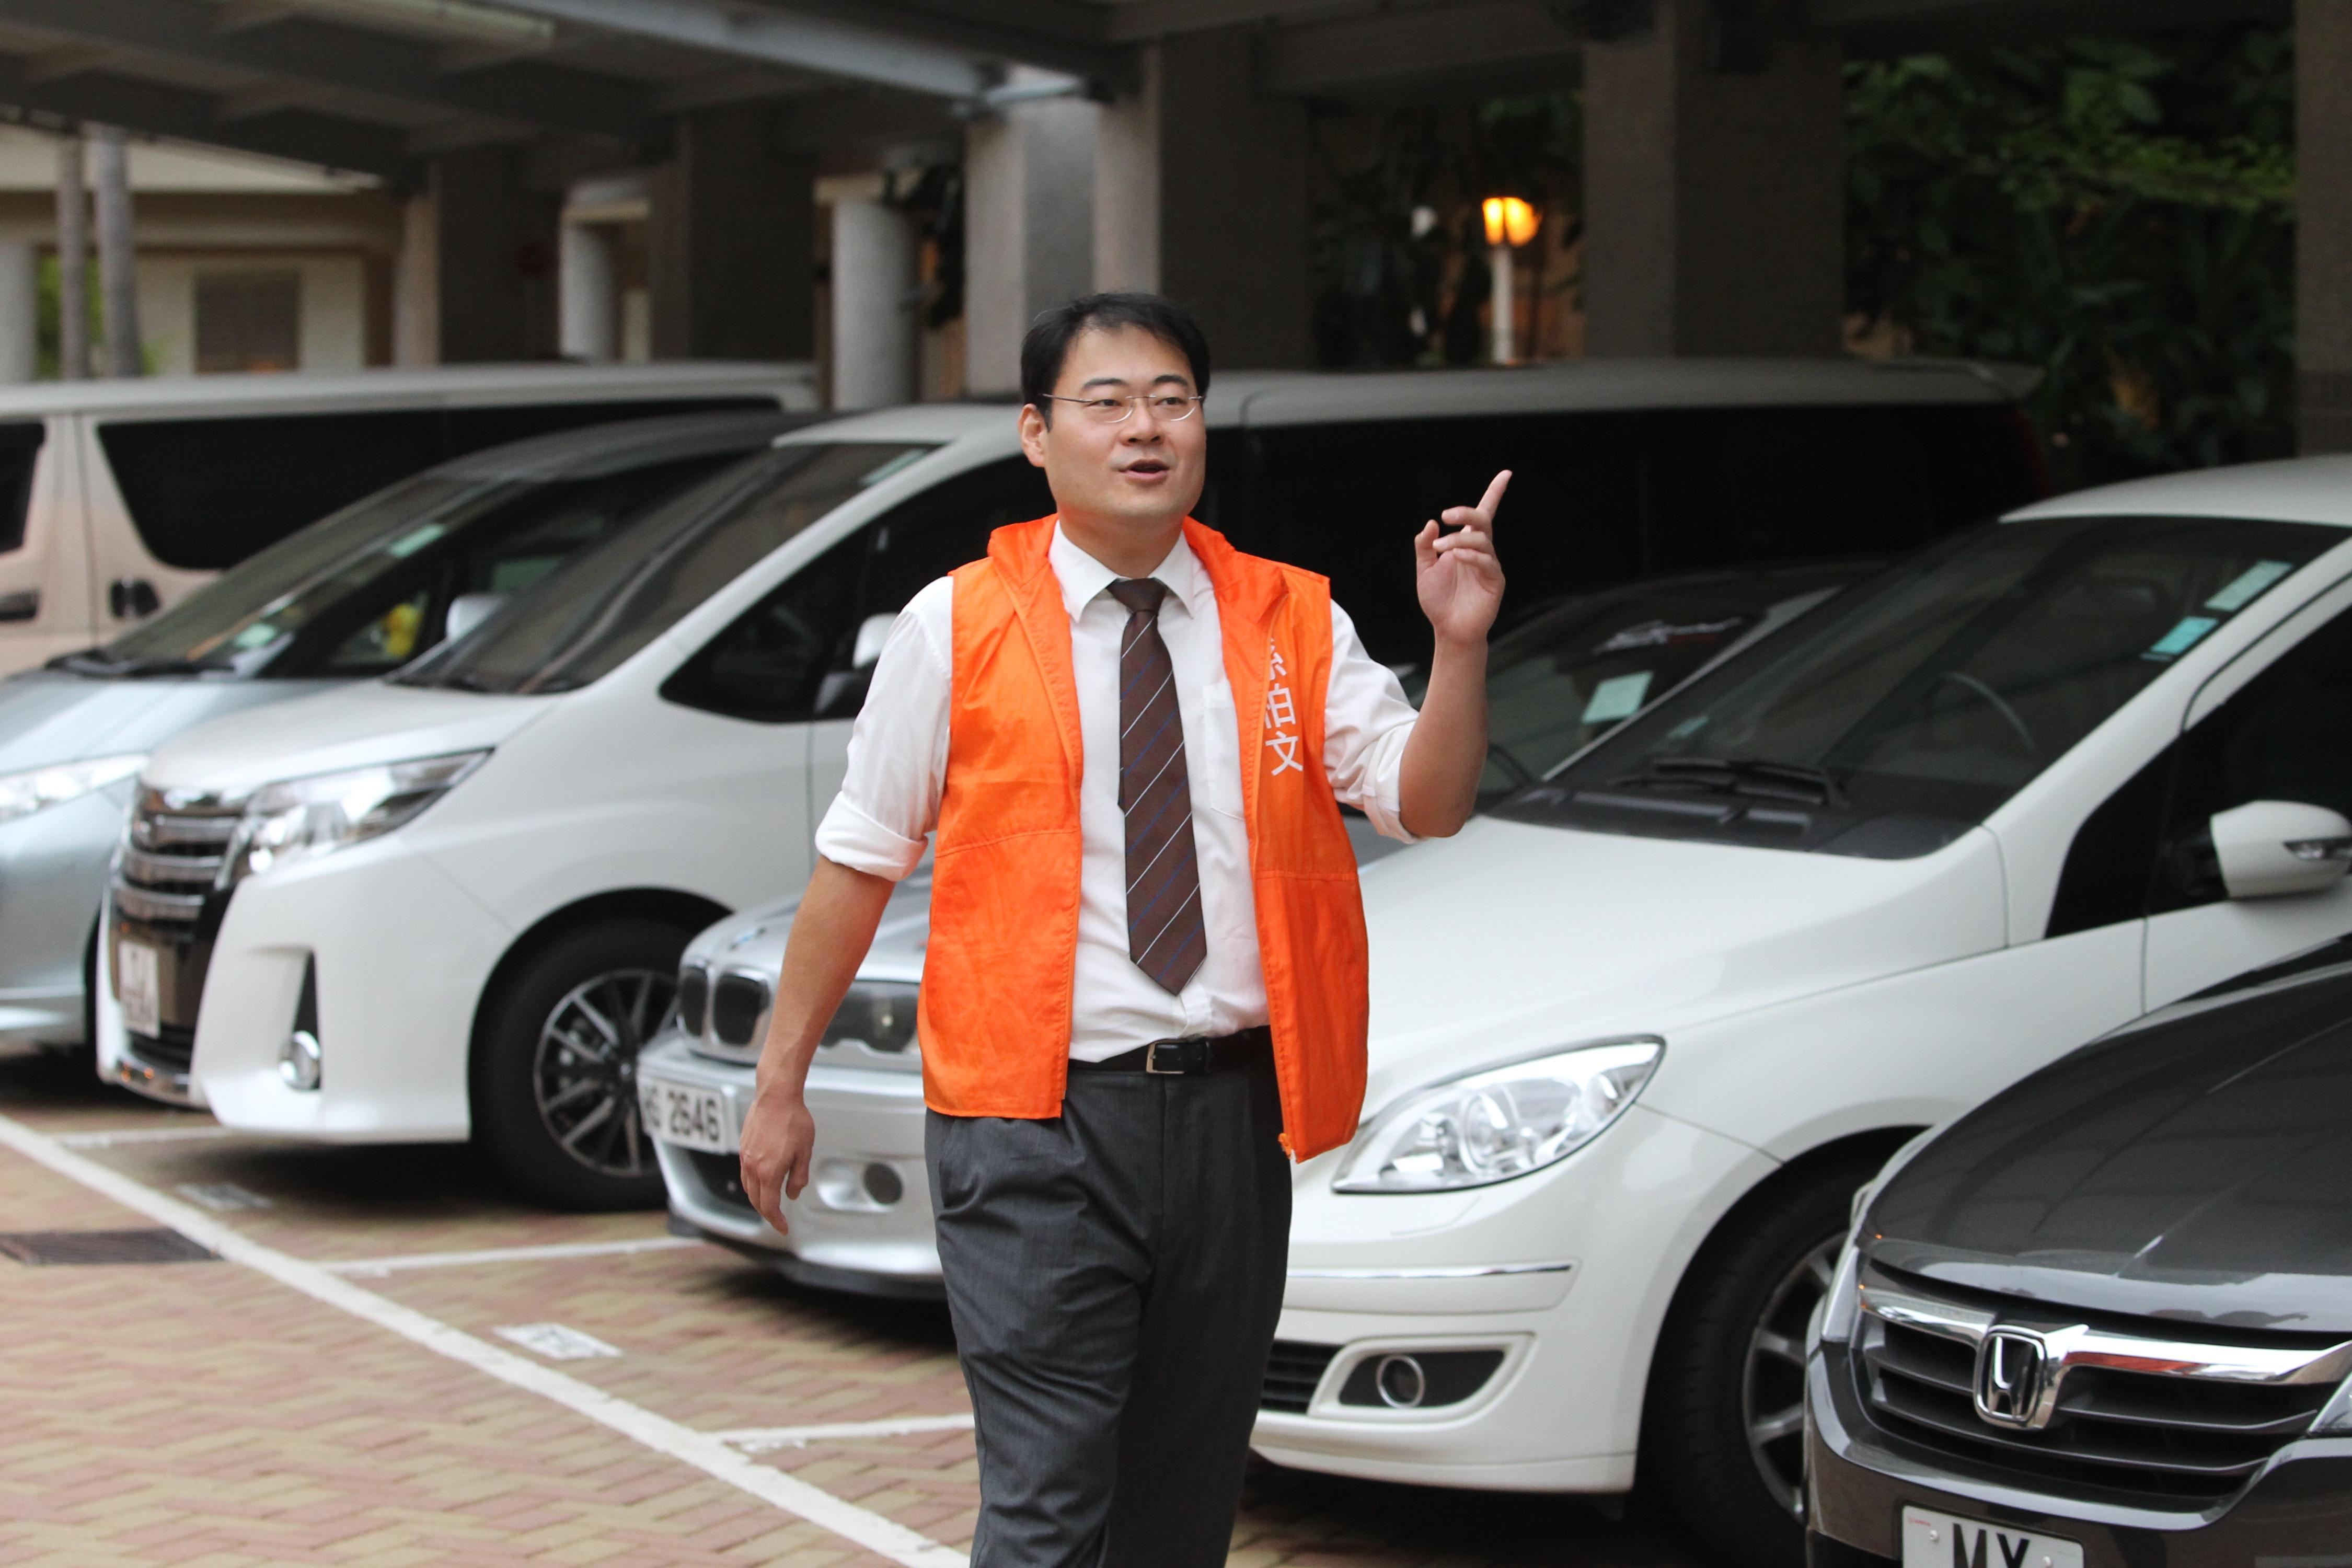 孫柏文關心將軍澳交通問題,提倡隧道繁忙時段私家車收費加倍,以減少將軍澳隧道的汽車流量。(林俊源攝)